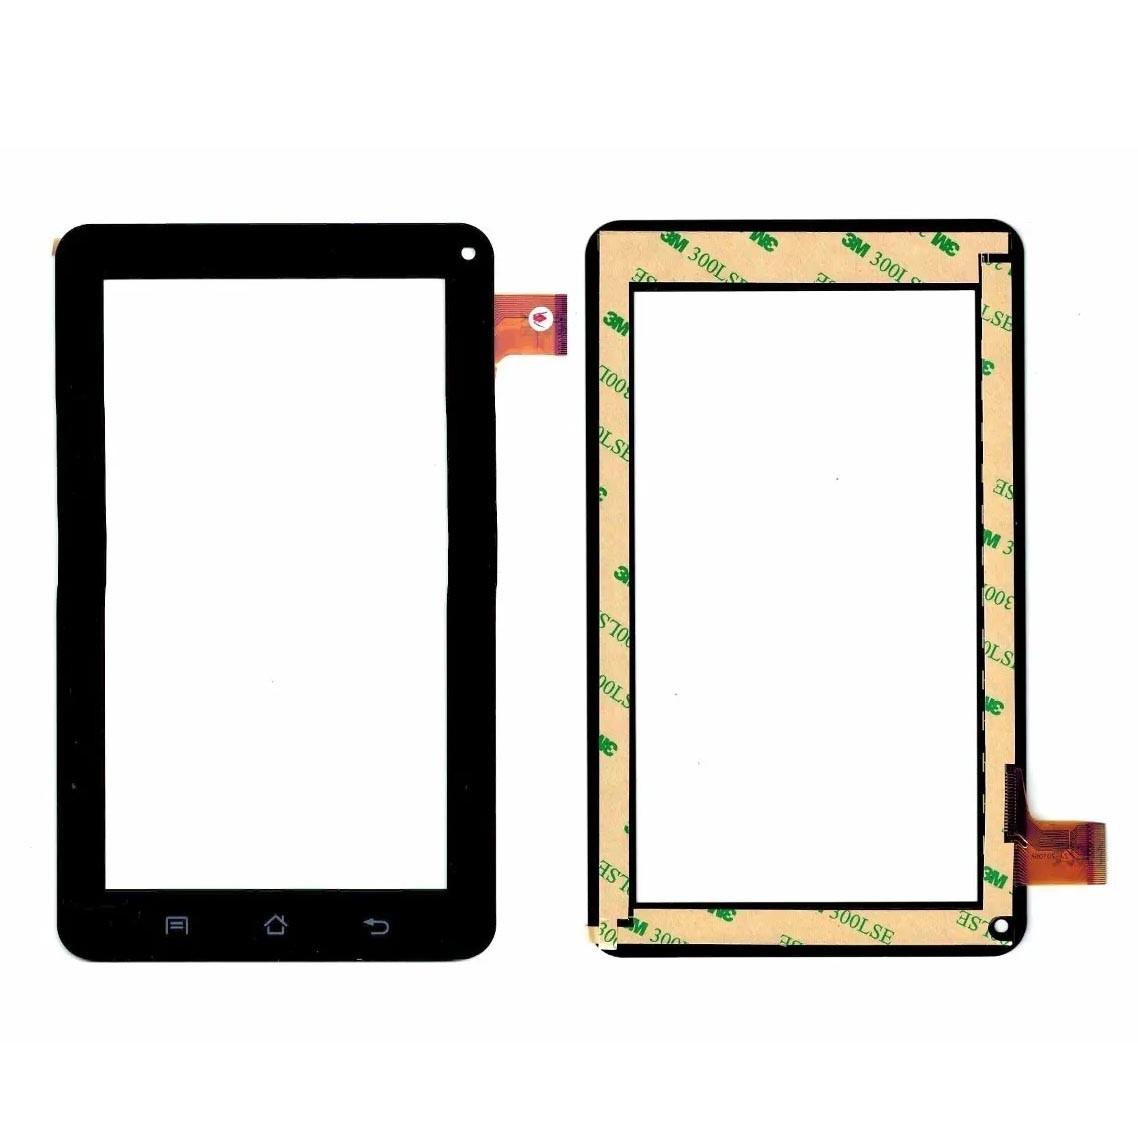 Tela Touch Tablet Mondial Tb01 02 Tb03 Tb04 Tb05 Tb06 PN:PB70GS3409-R1 + Fita 3m